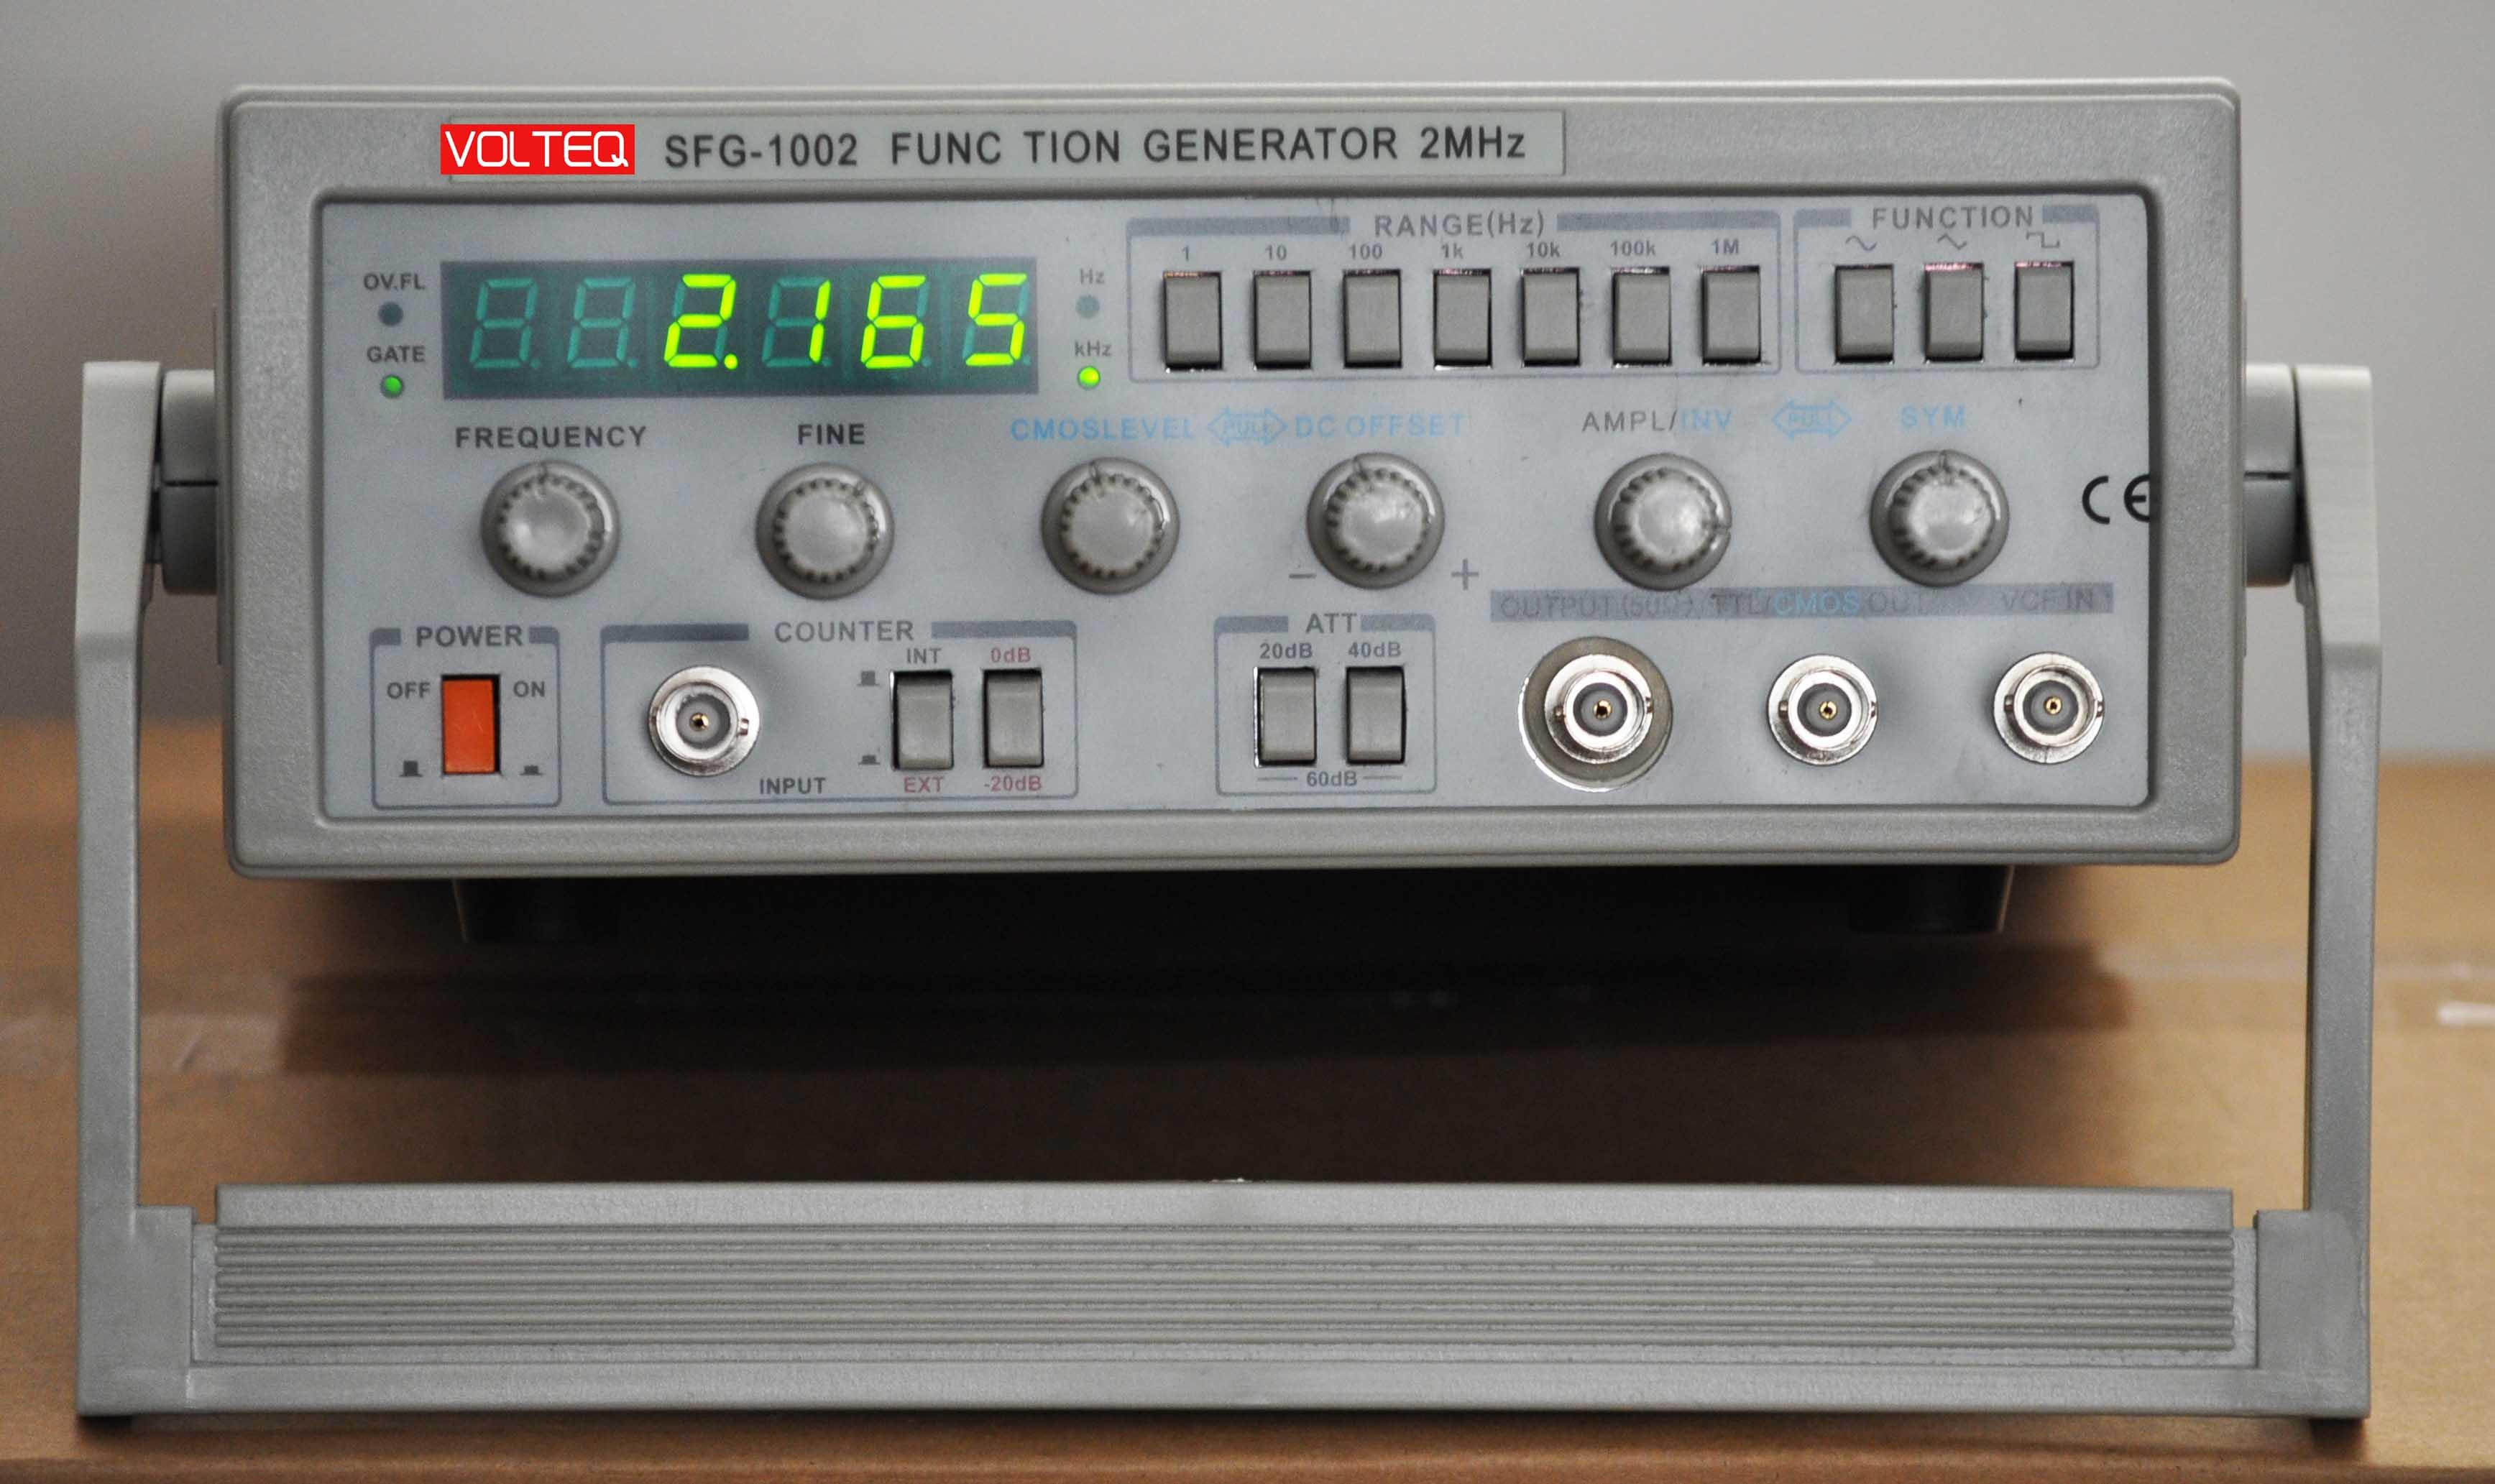 SFG-1002